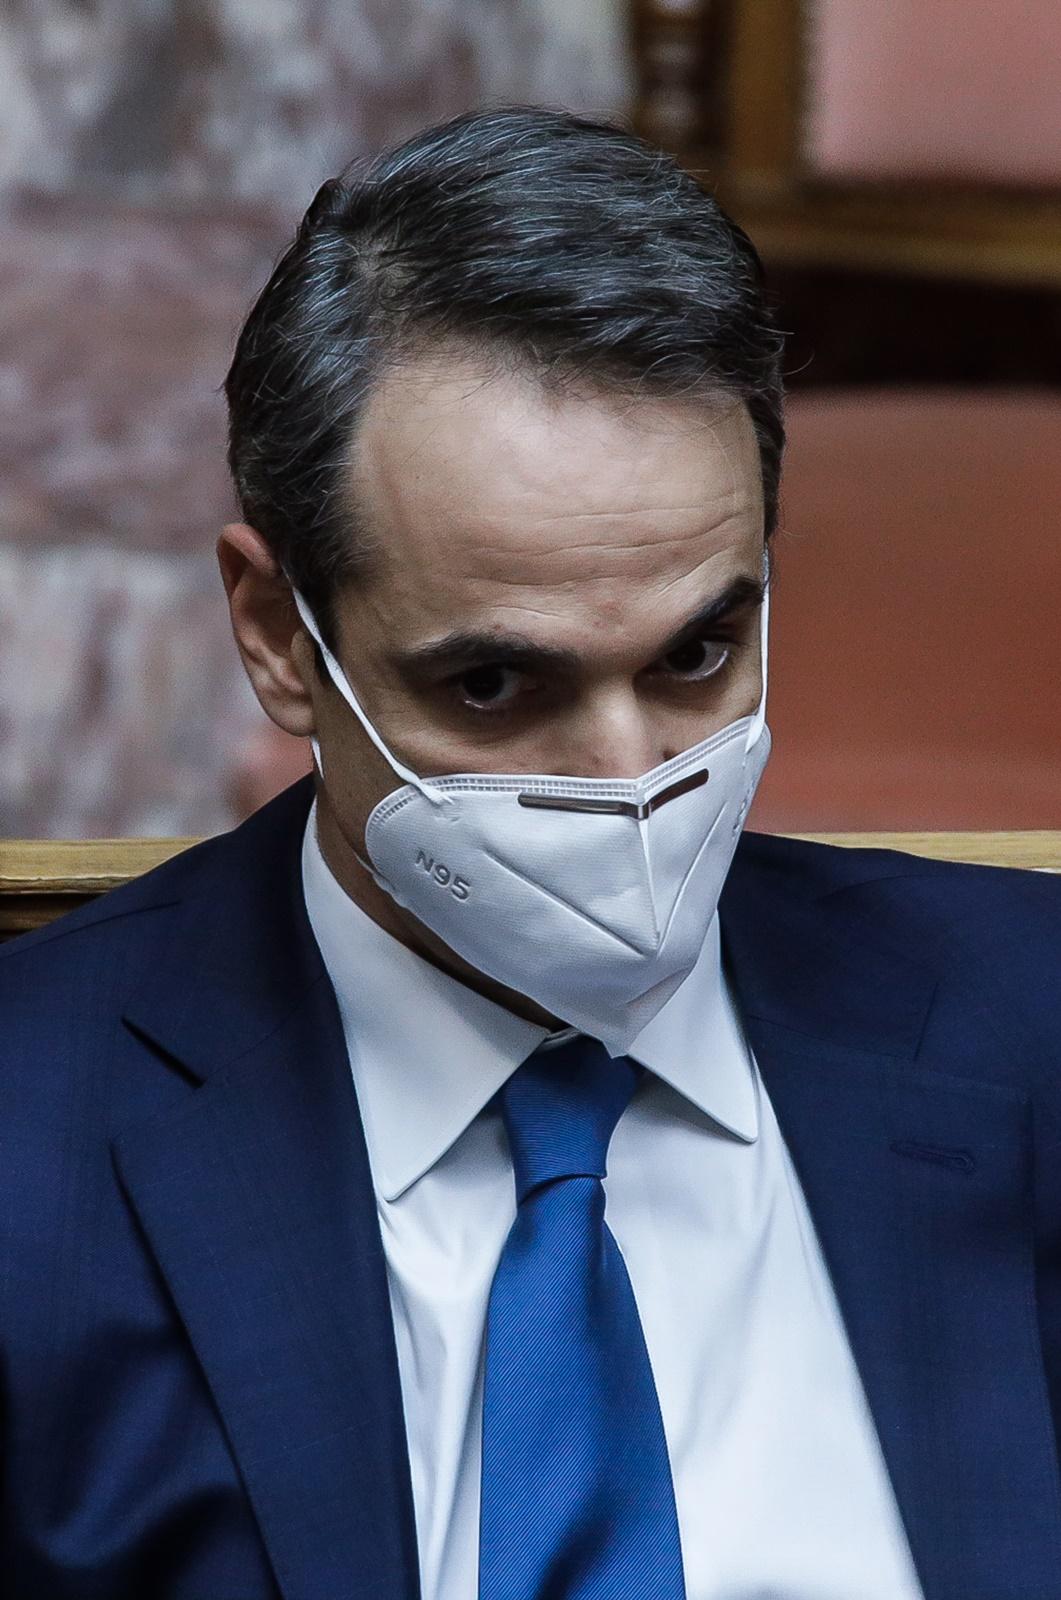 Συζήτηση, κατόπιν αιτήματος του Πρωθυπουργού κ. Κυριάκου Μητσοτάκη, με αντικείμενο την ενημέρωση του Σώματος για την ποιότητα της Δημοκρατίας και του Δημοσίου Διαλόγου